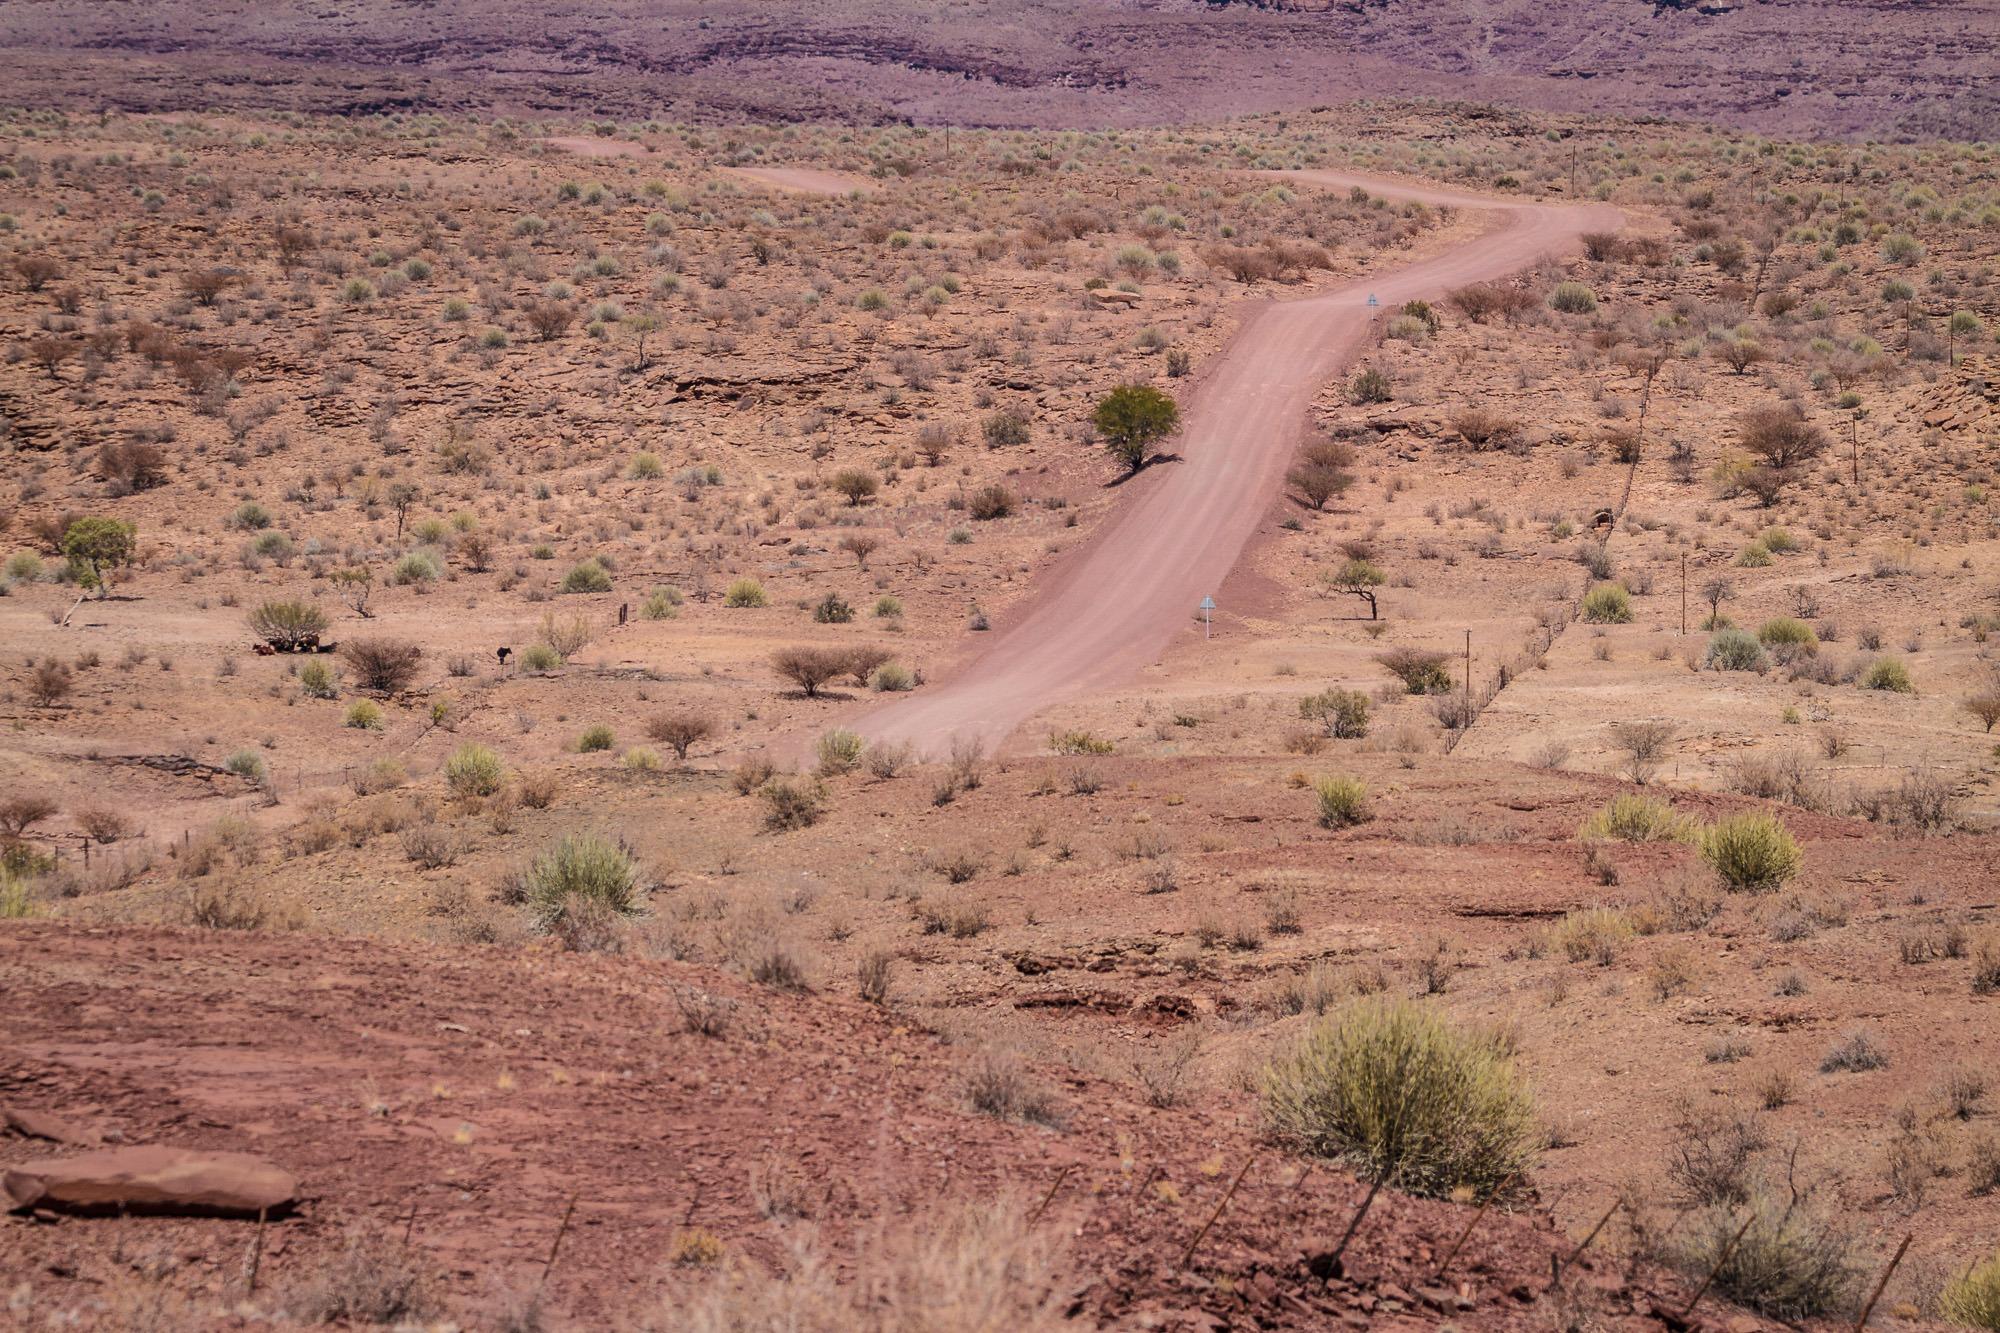 Hügelige kurvige Strasse in der Wüste von Namibia